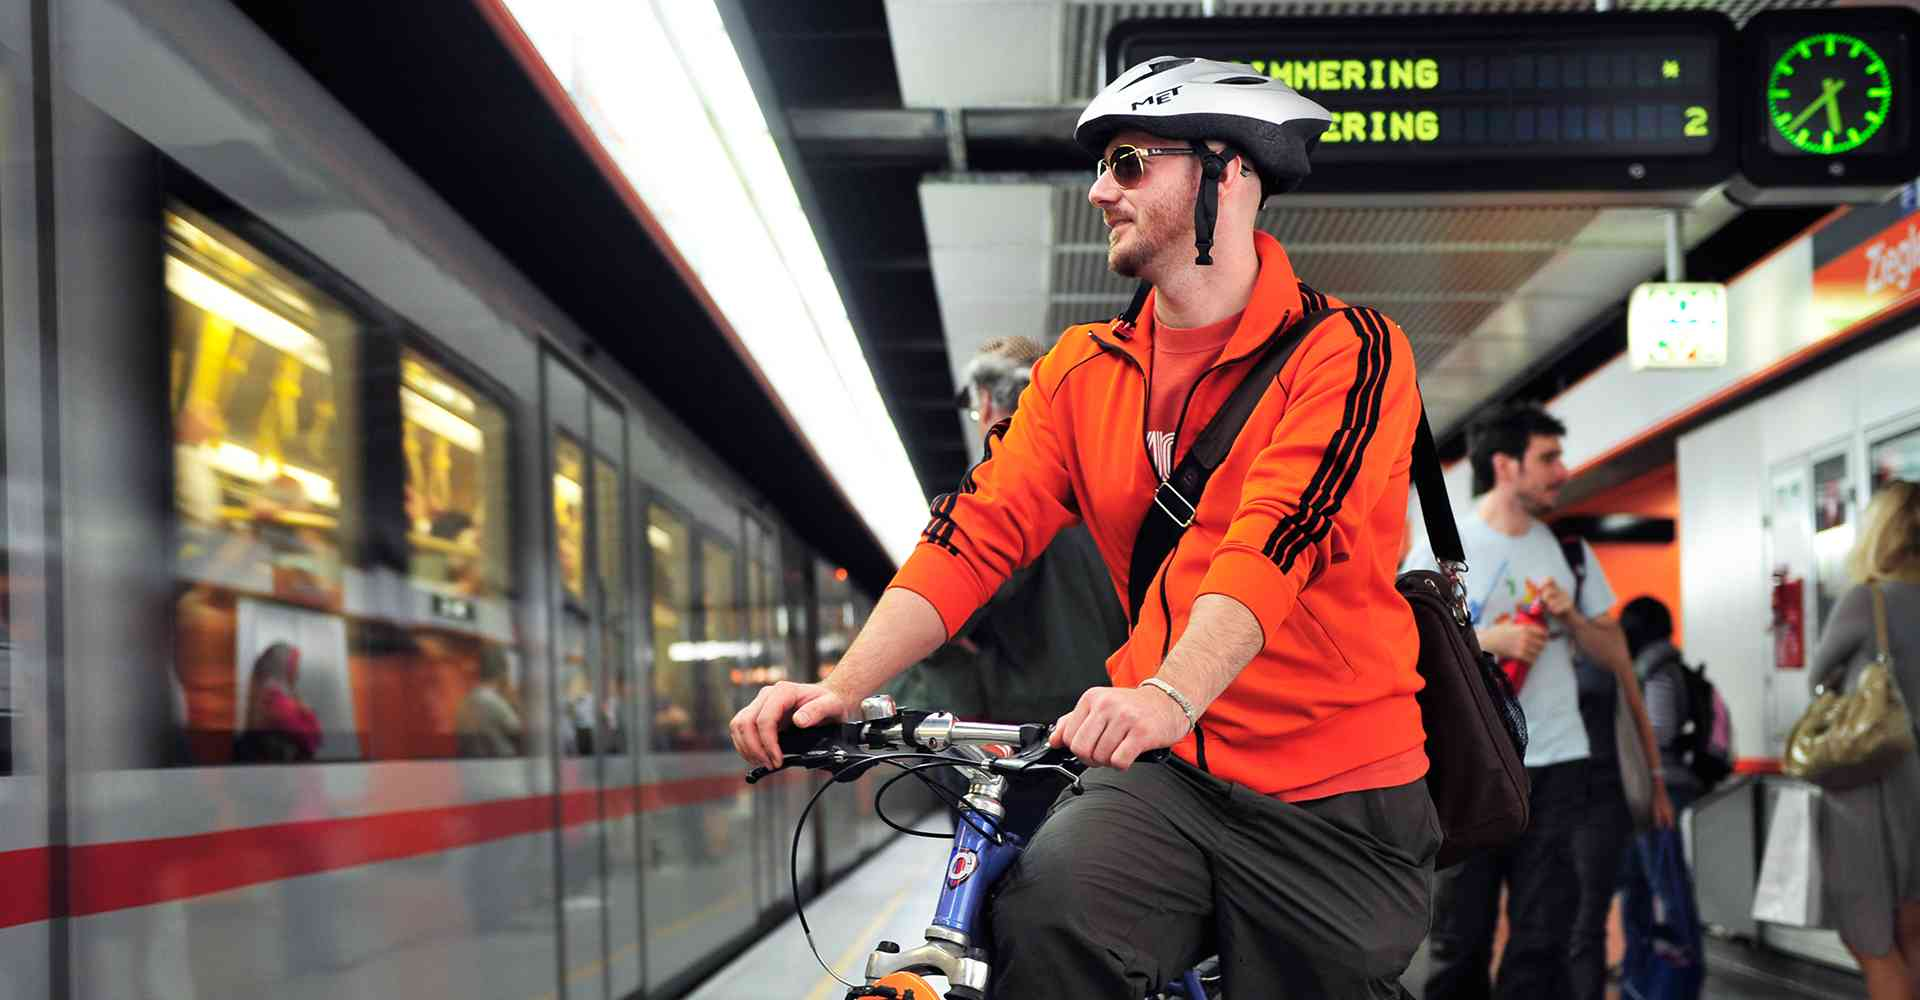 Mann mit Fahrrad in der U3